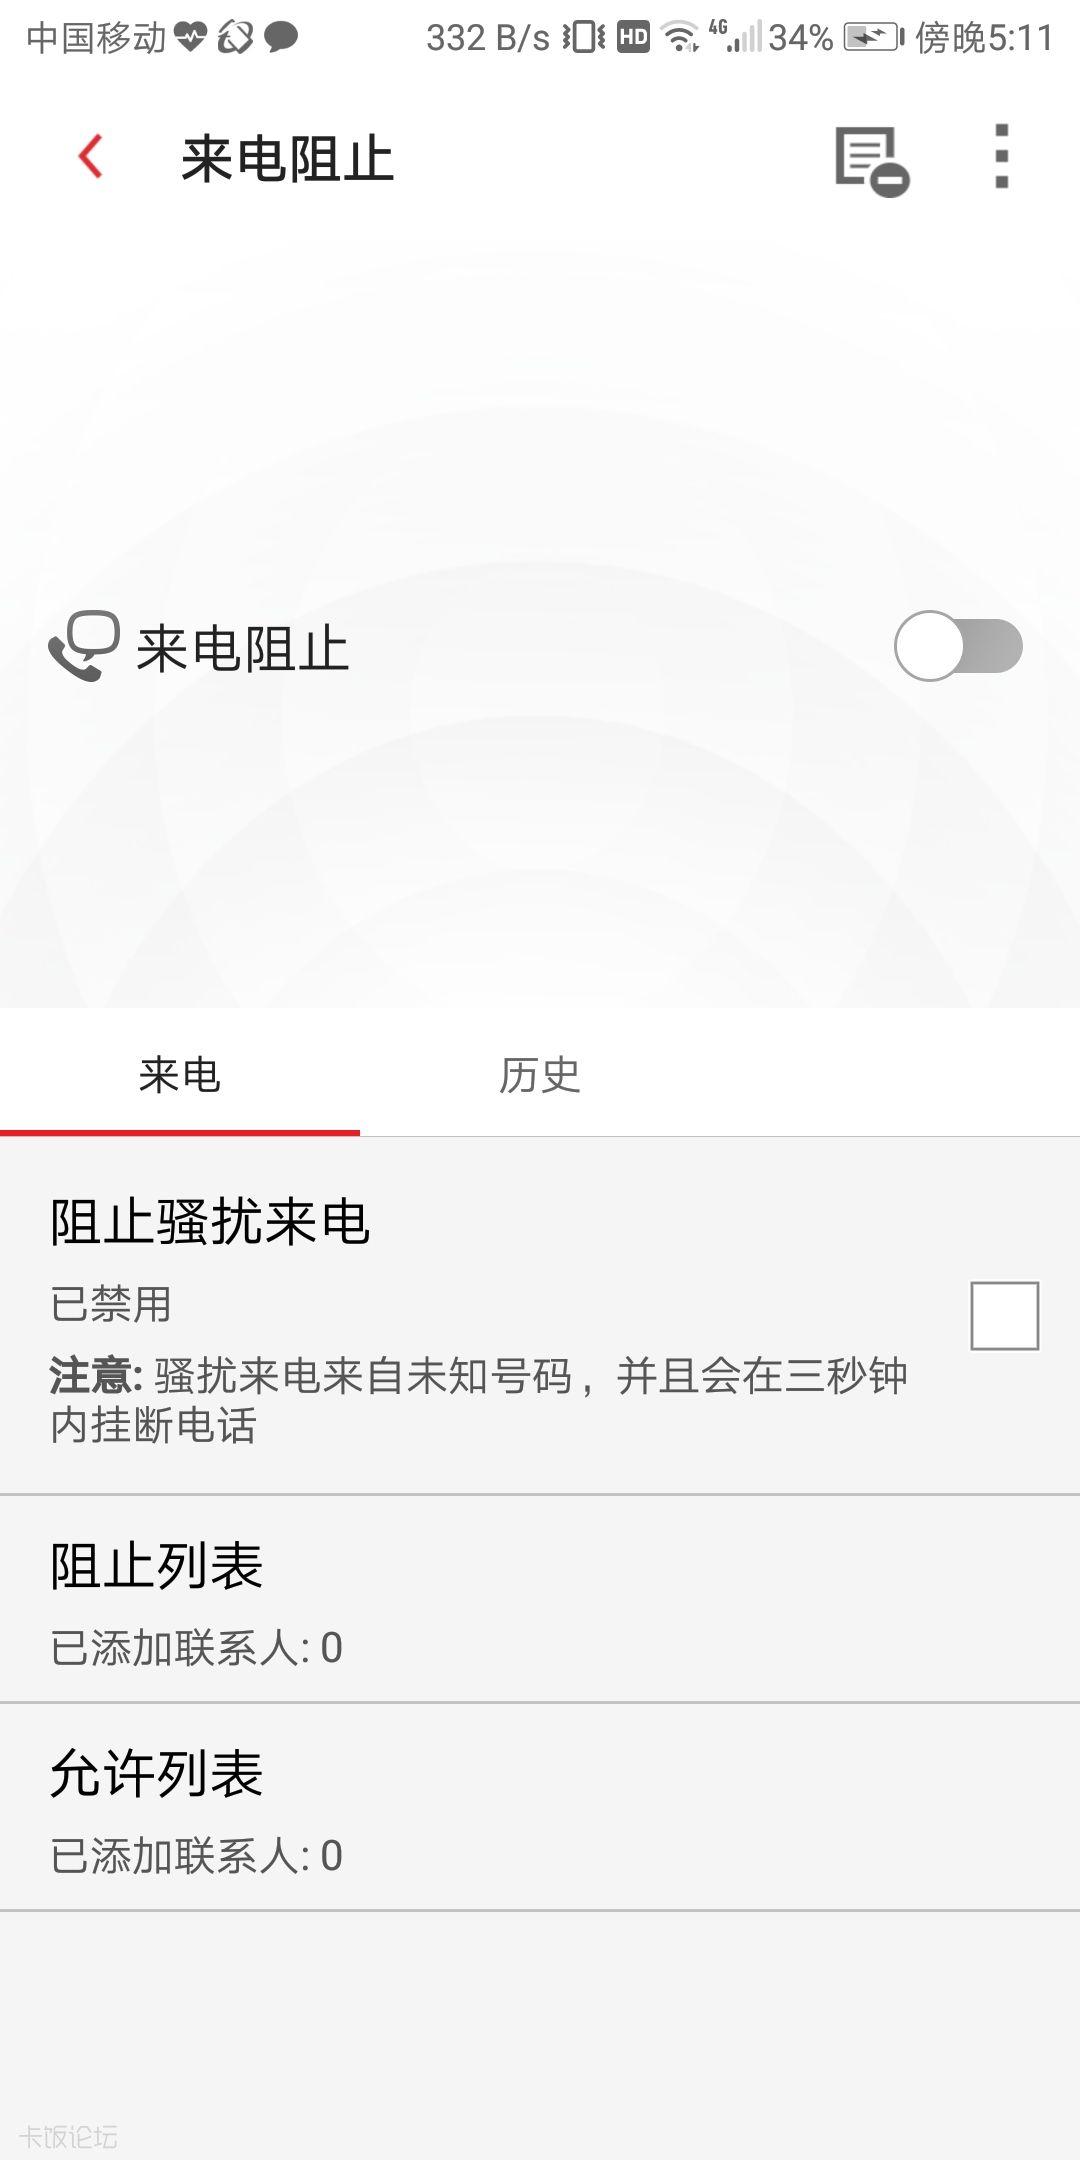 Screenshot_20190423-171122.jpg